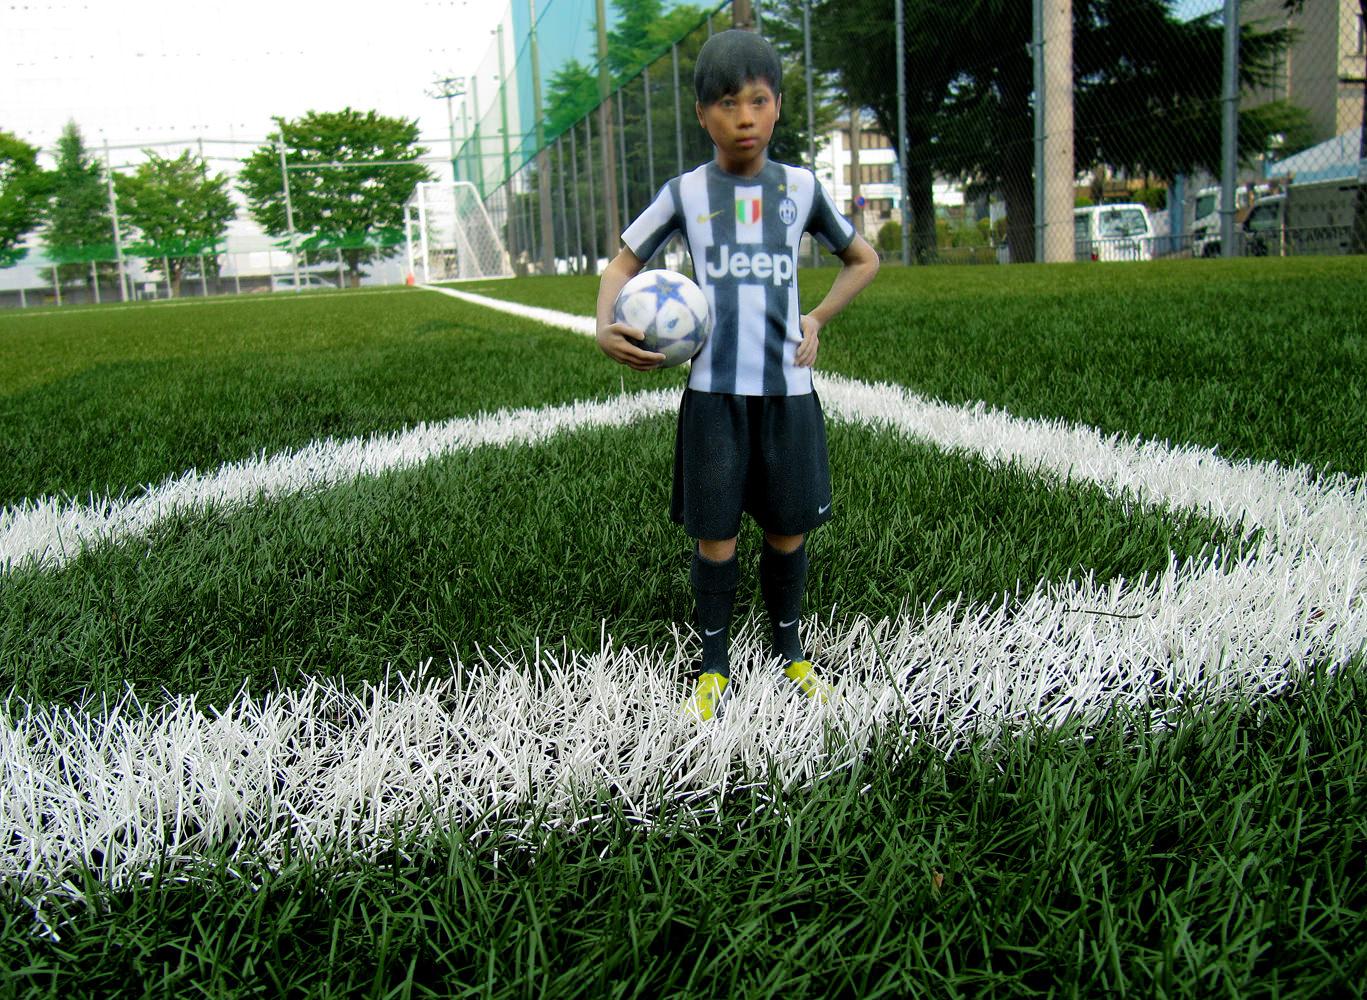 サッカーユニフォームを着たお子さんの3Dフィギュアを作成!